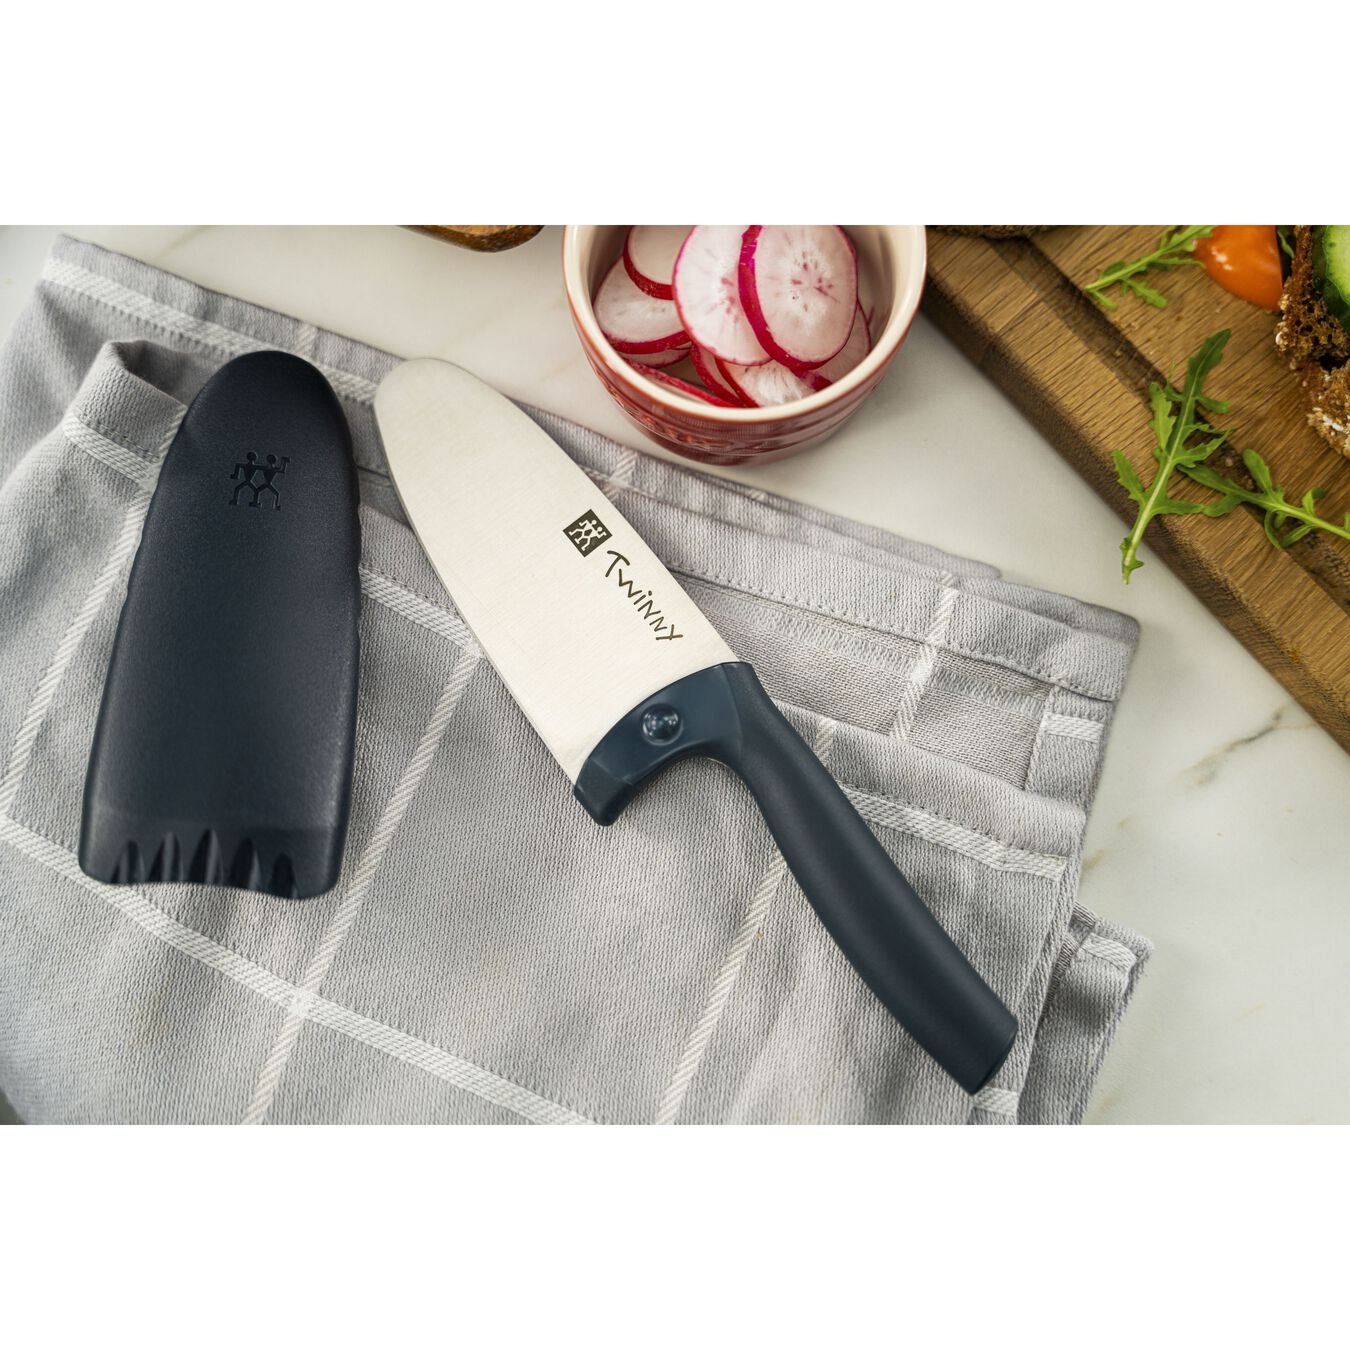 Coltello da cuoco - 10 cm, blu,,large 15